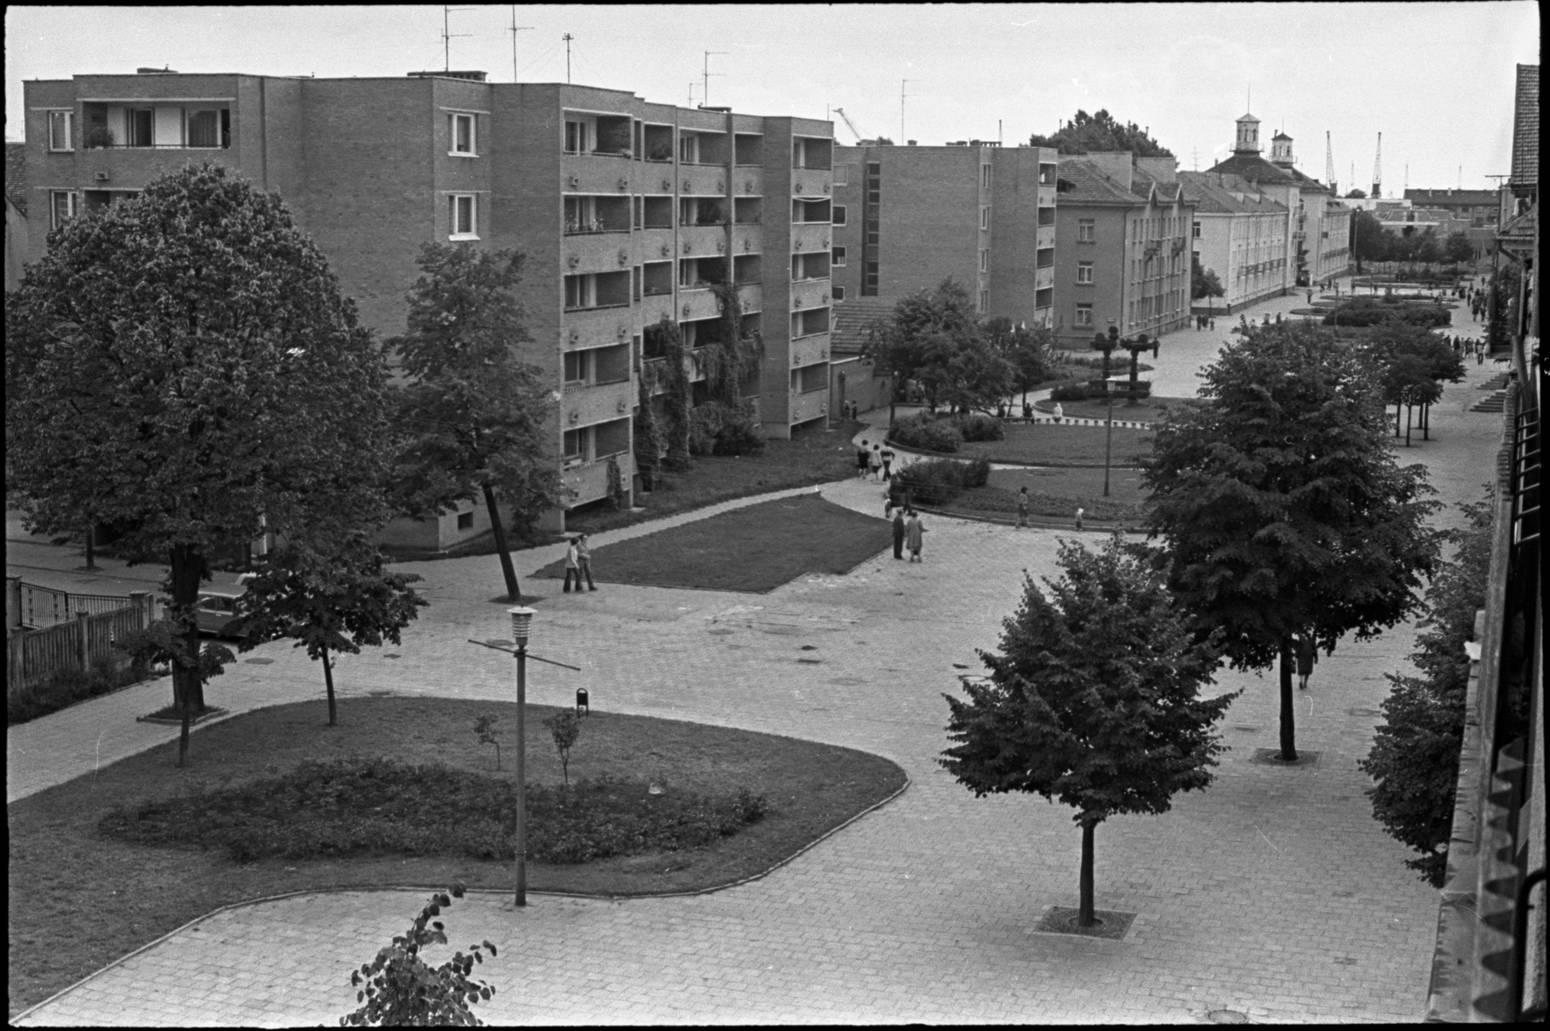 M. Mažvydo alėja 1978 metais